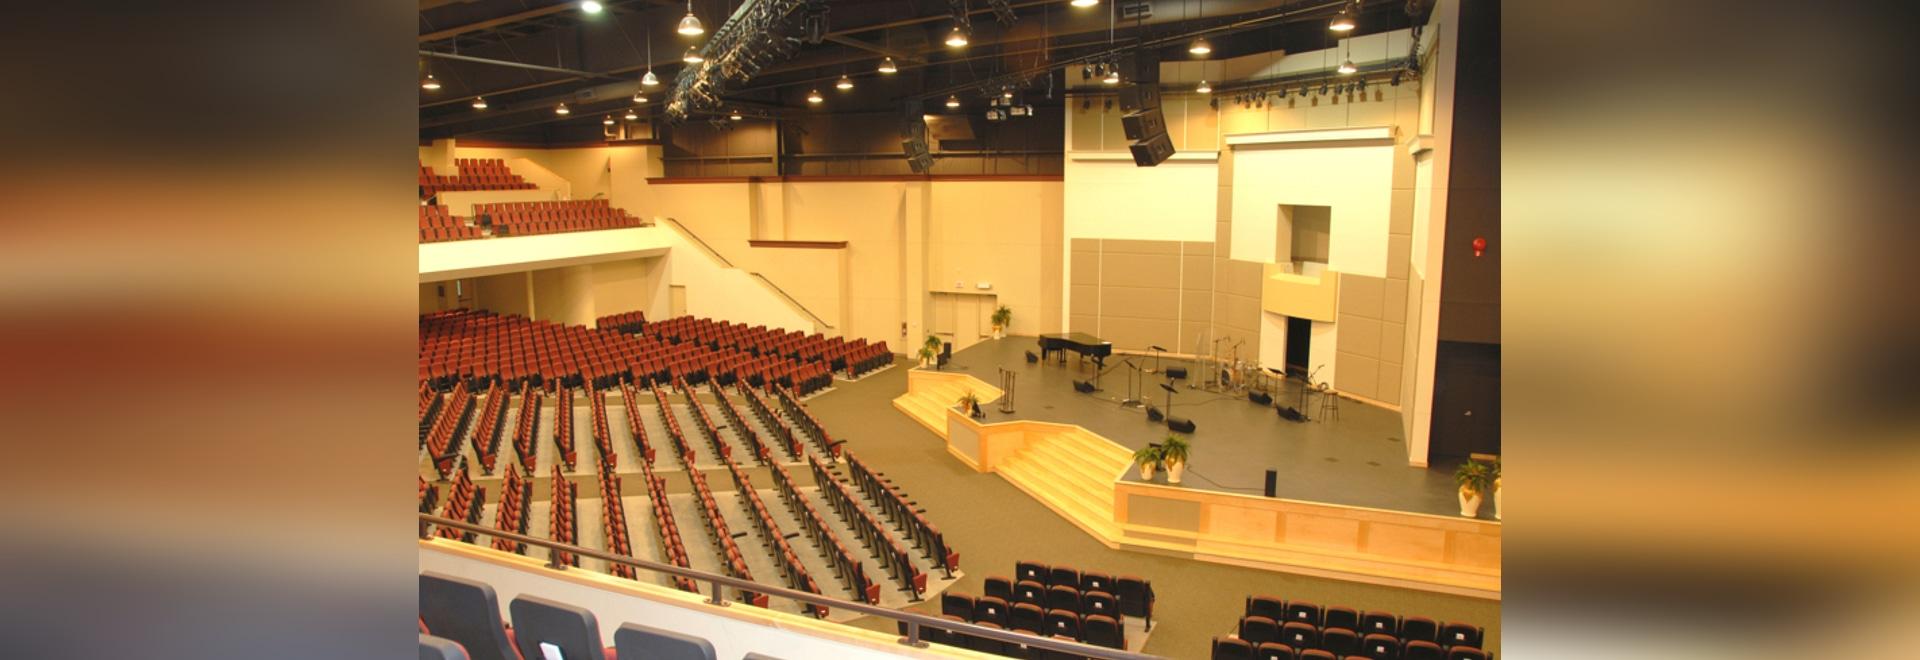 Iglesia metodista de Moncton